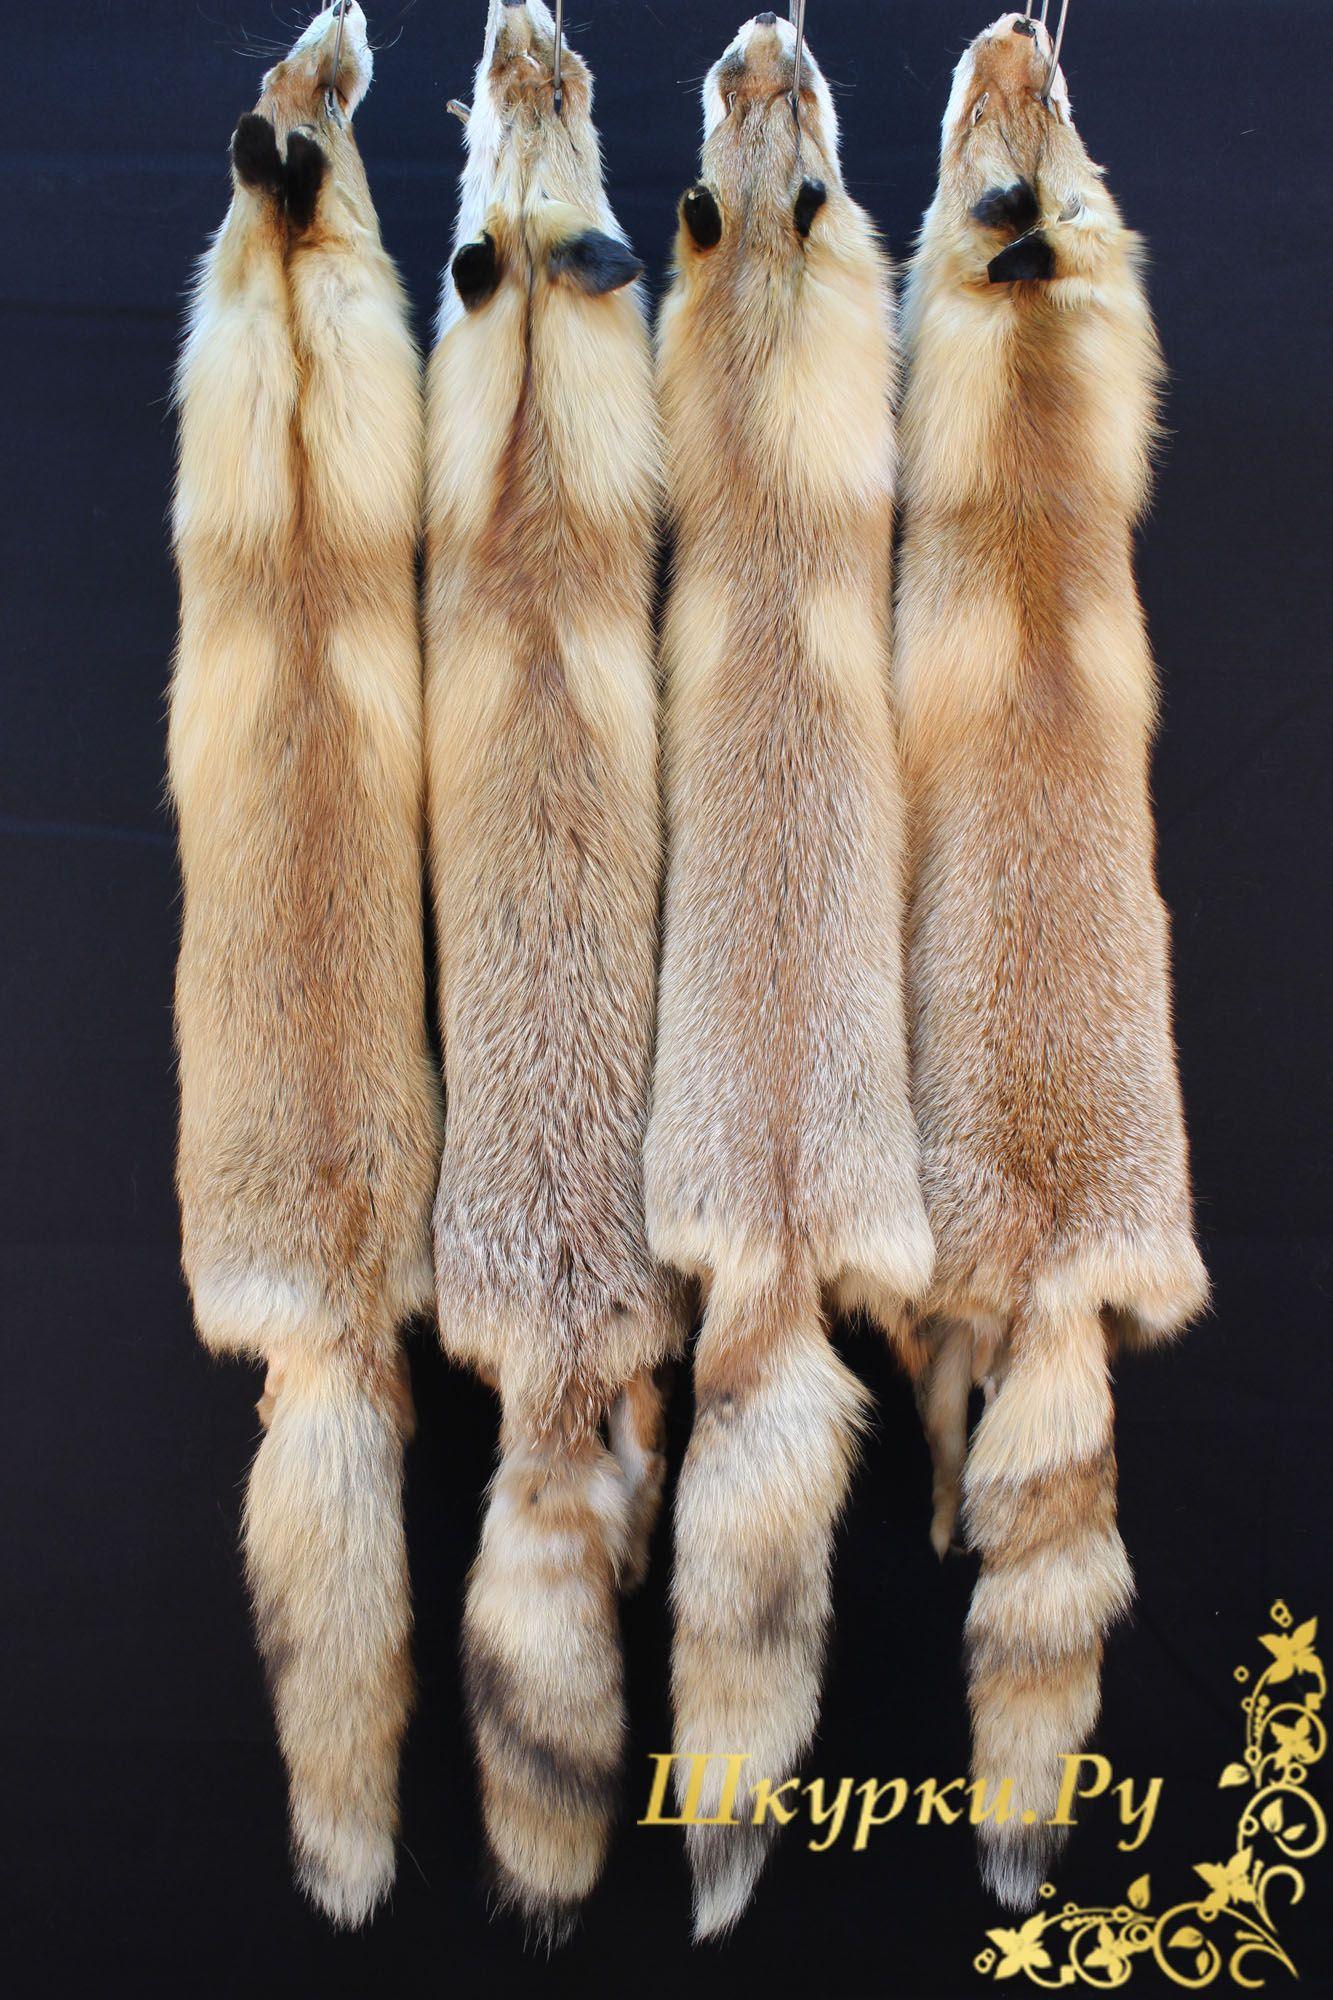 Барнаул объявления куплю шкурки меховые не выыделанные дать объявление в болгарии